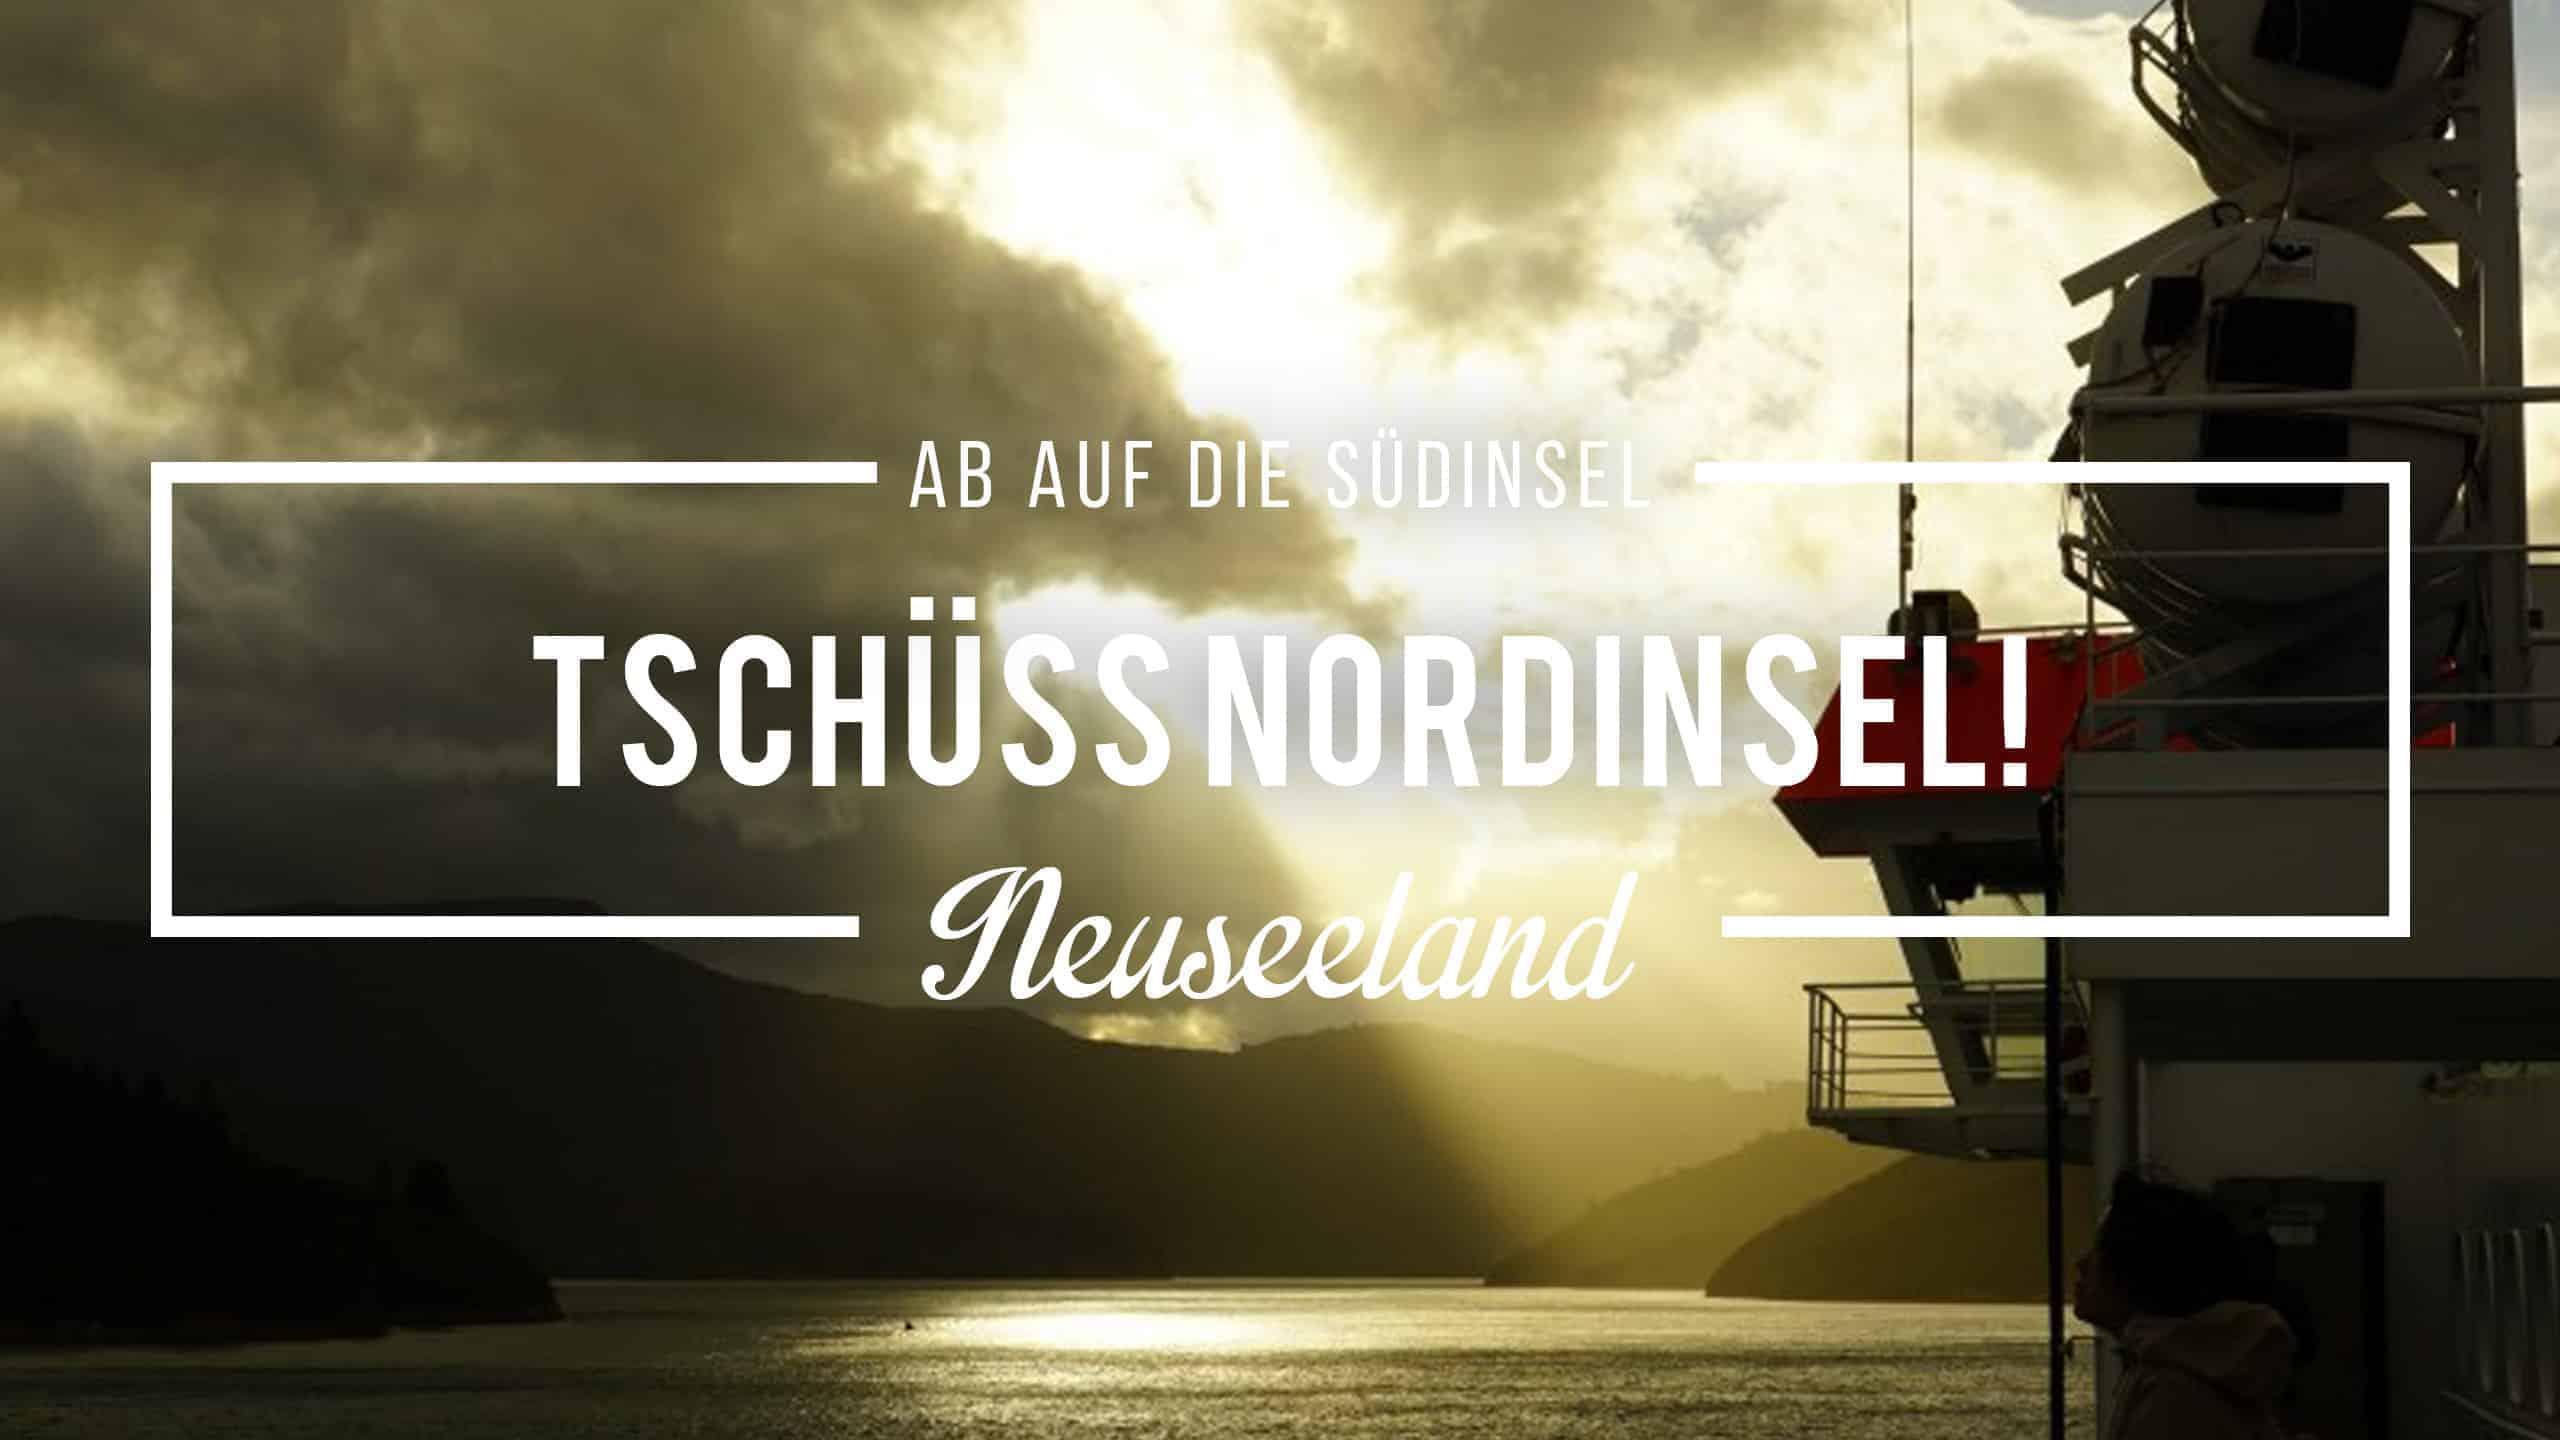 neuseeland-faehrueberfahrt